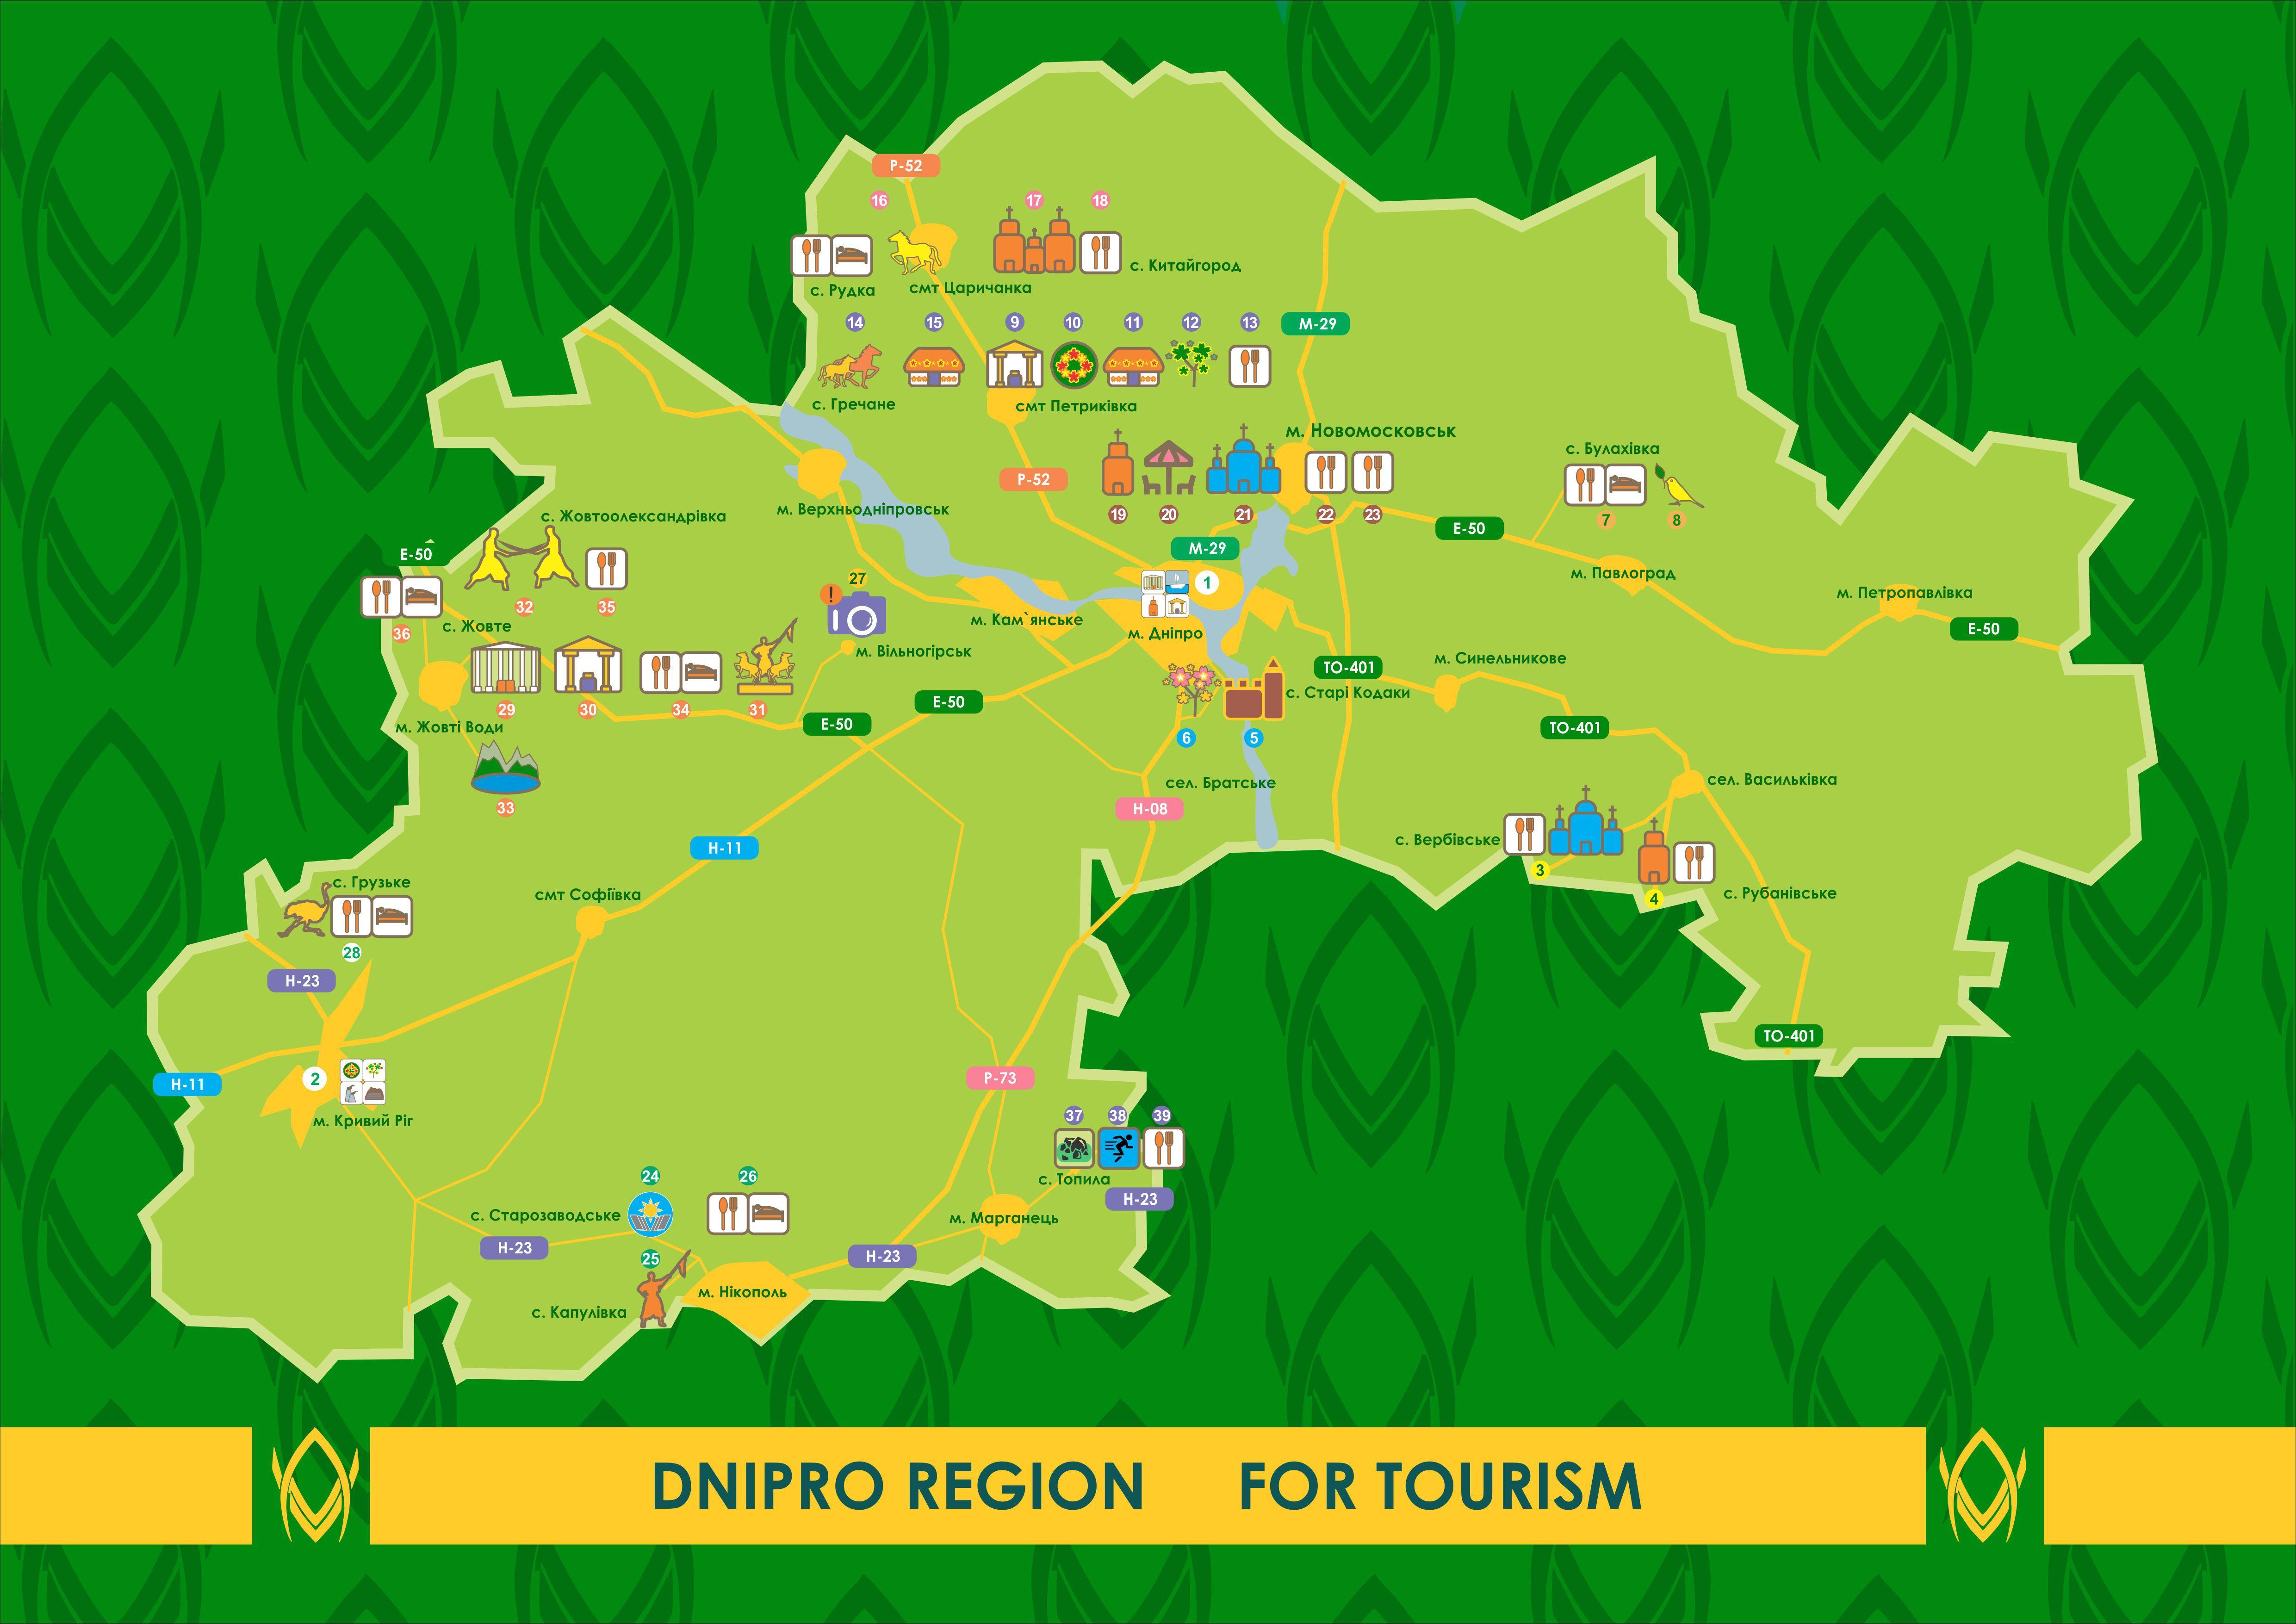 Дніпро: Визначили, чим приваблюватимуть туристів